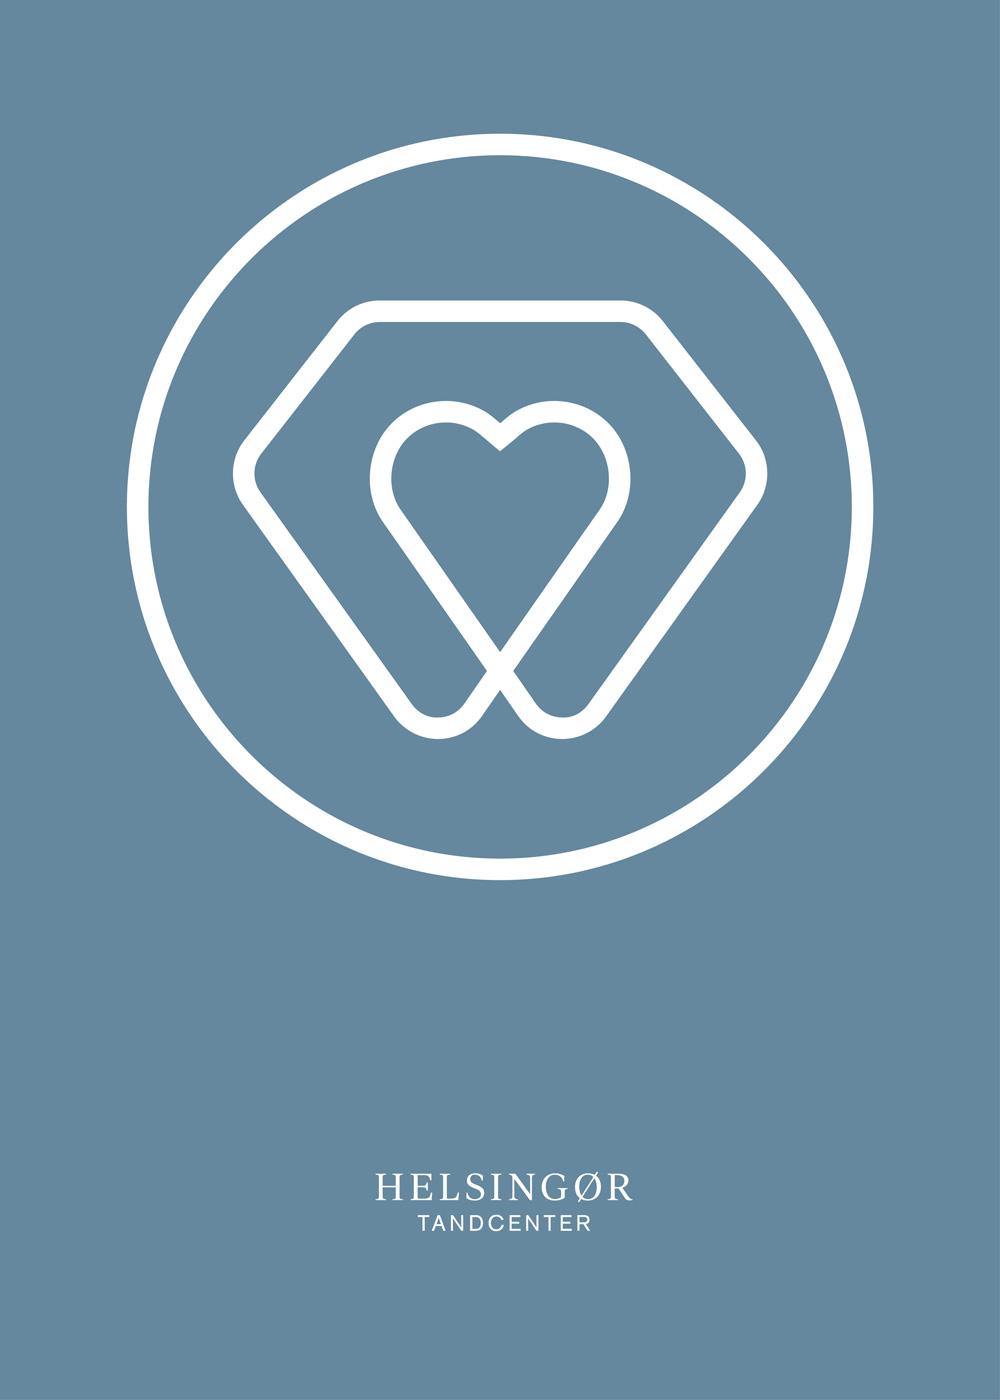 Twentyten-HelsingorTandcenter-02